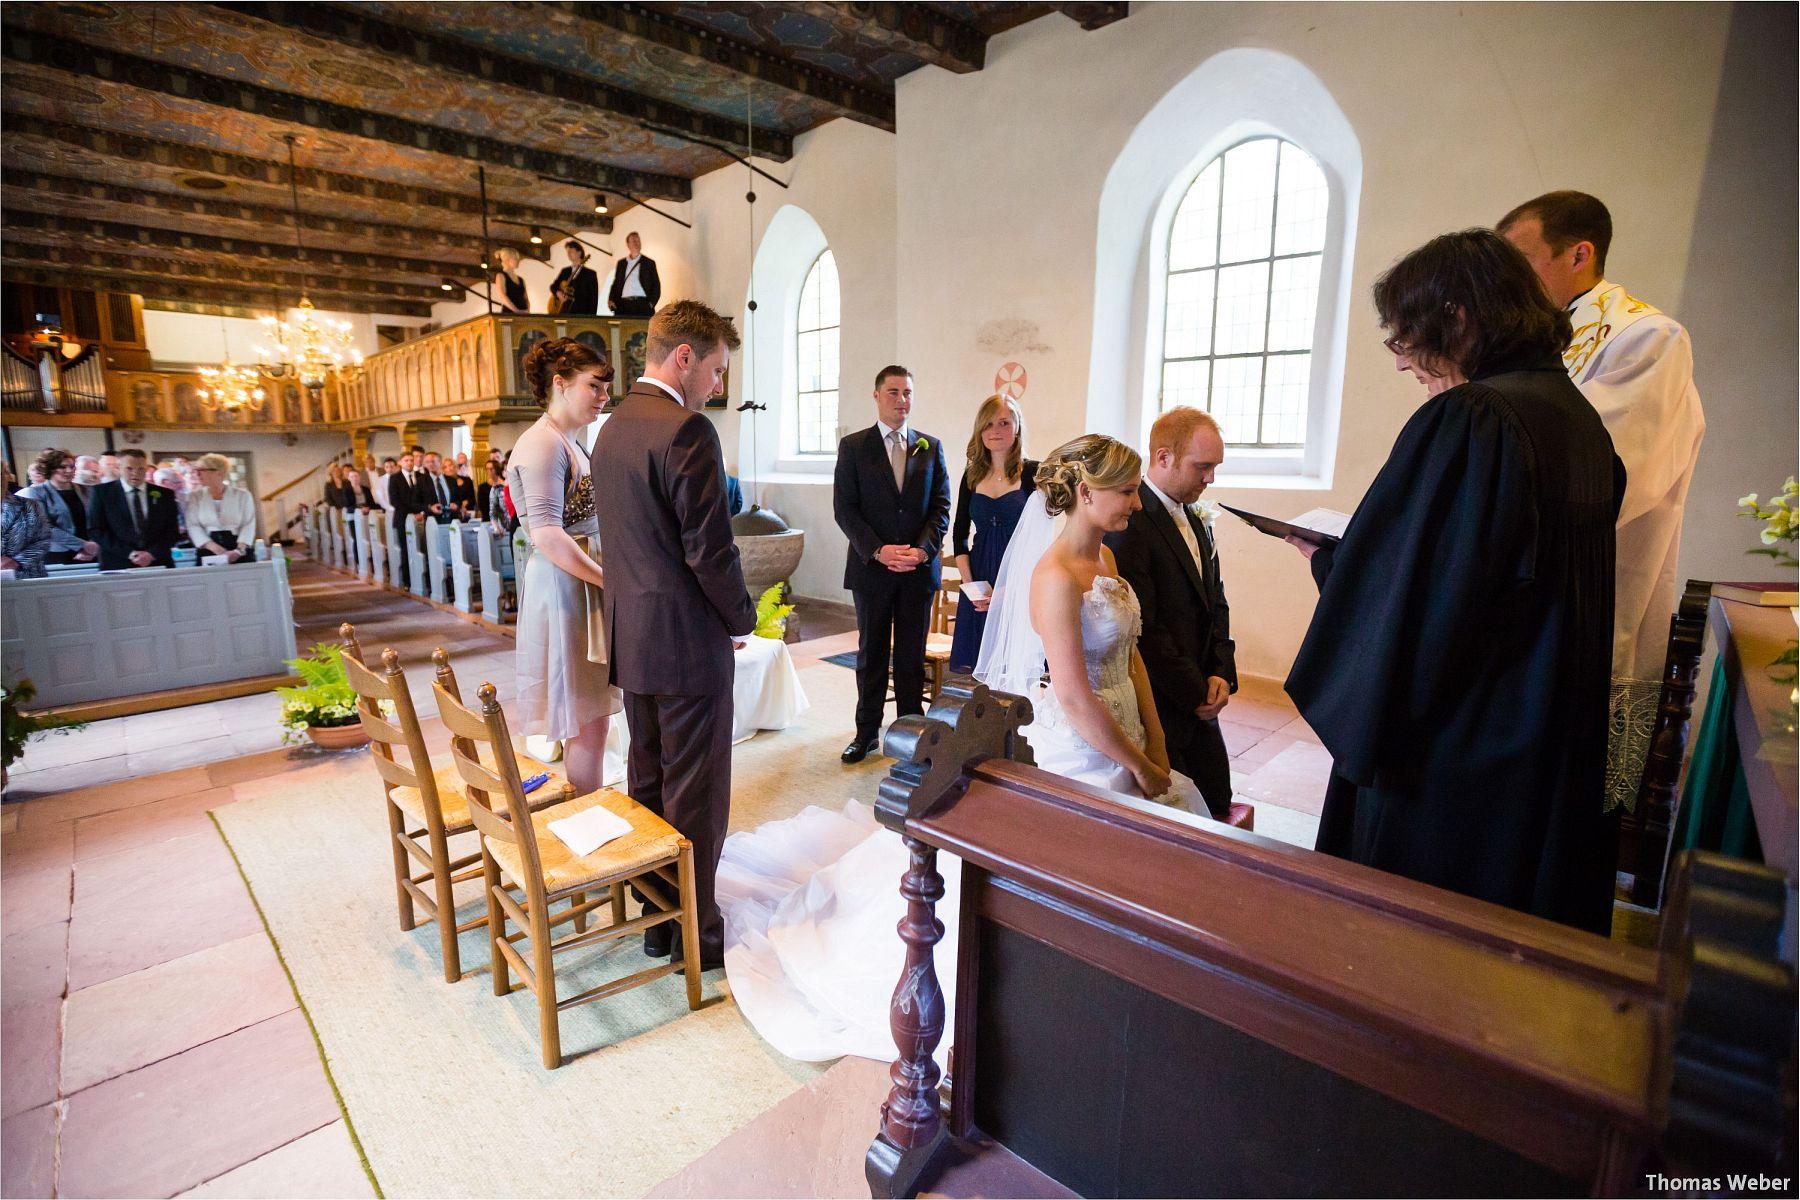 Hochzeitsfotograf Papenburg: Standesamtliche Trauung auf der Burg Kniphausen und Feier im Le Patron am Meer (45)